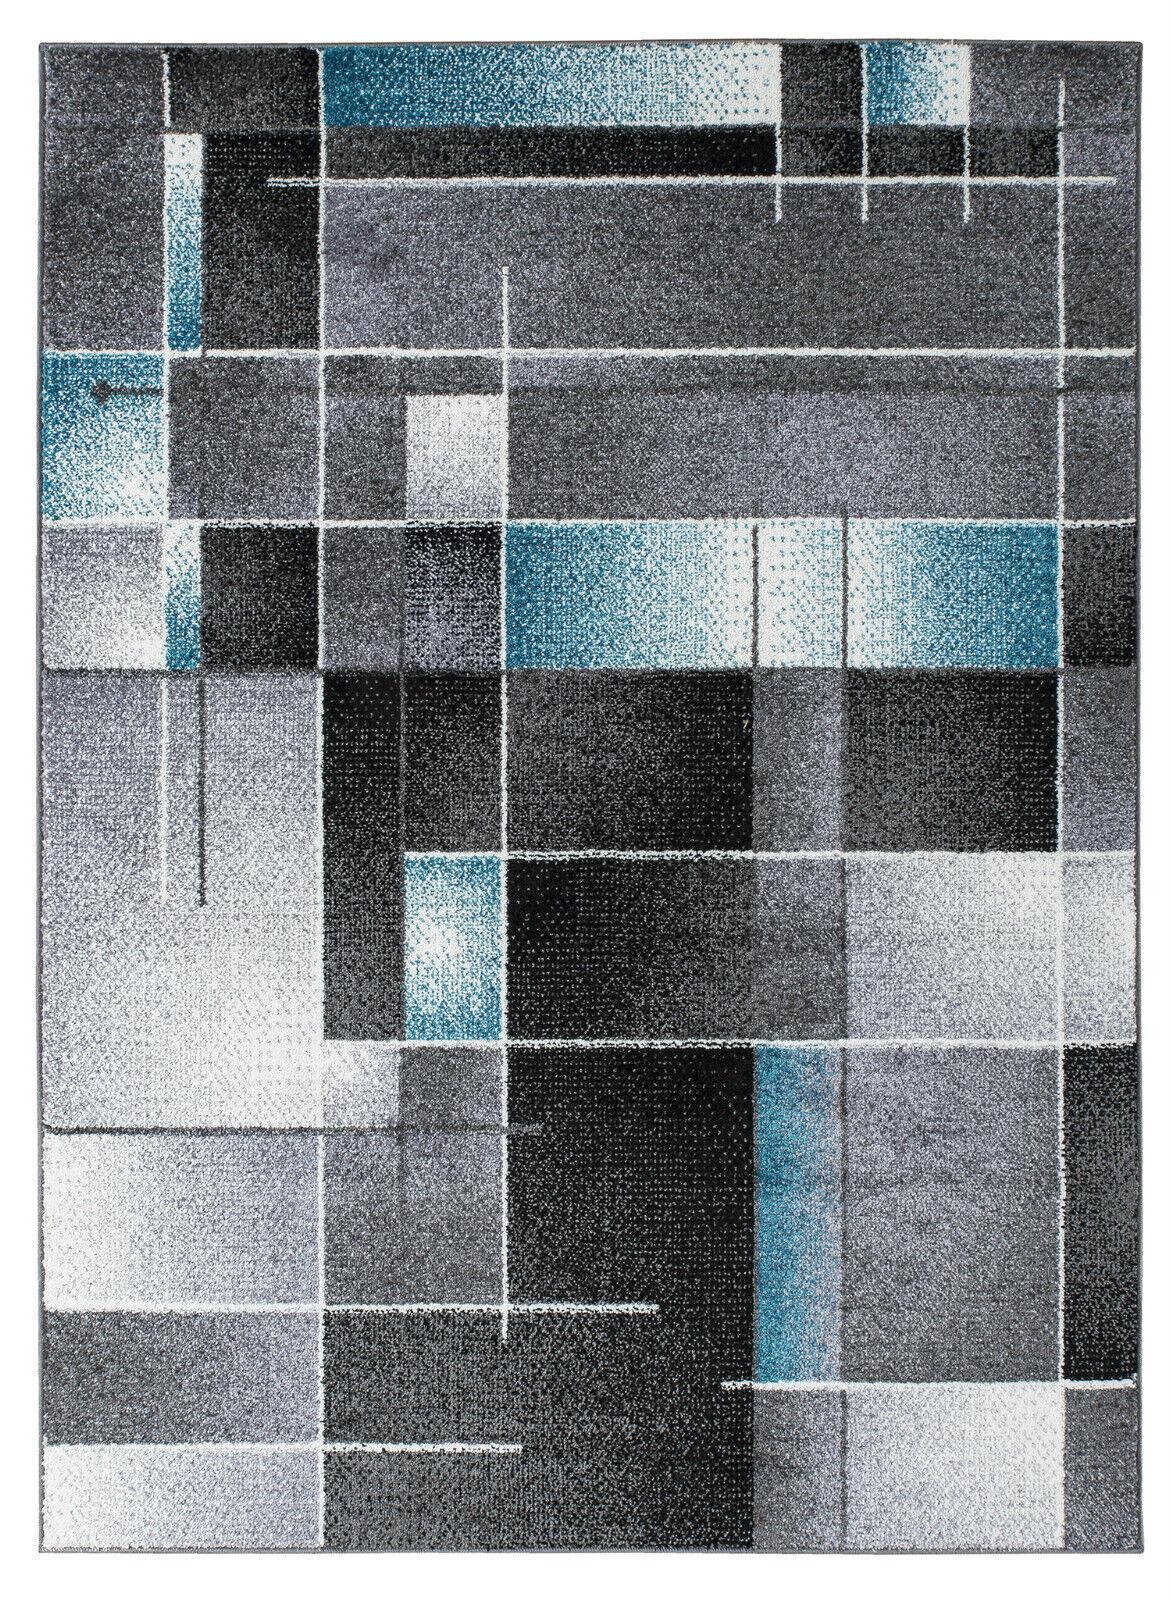 Teppich Teppich Teppich Kurzflor Hochwertig Bunt 5773-Schwarz Grau Türkisfaerbig 120 140 160 200 | Sonderangebot  cfd55d